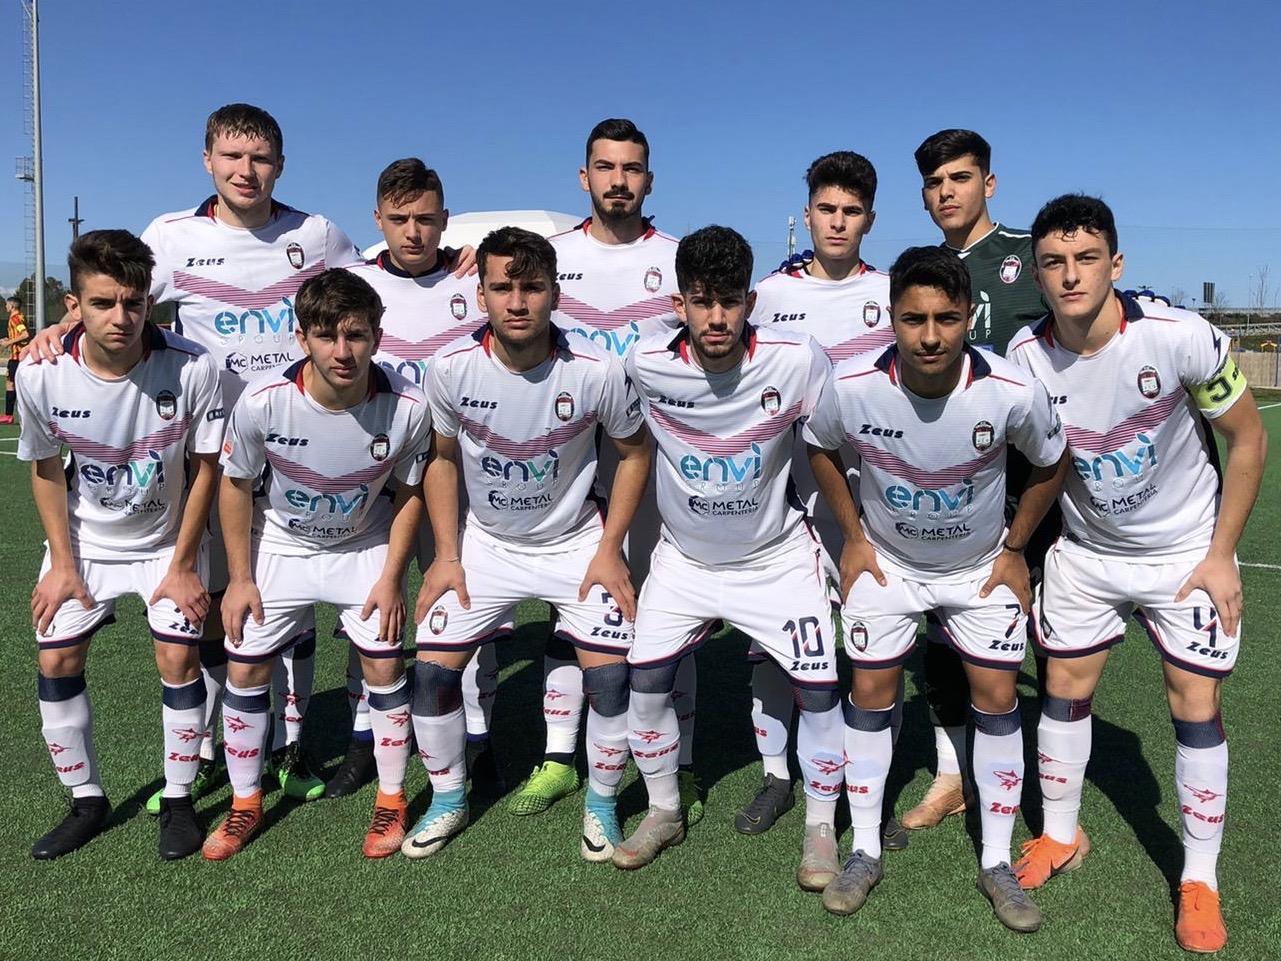 Primavera, 17a giornata: Lecce-Crotone 0-1